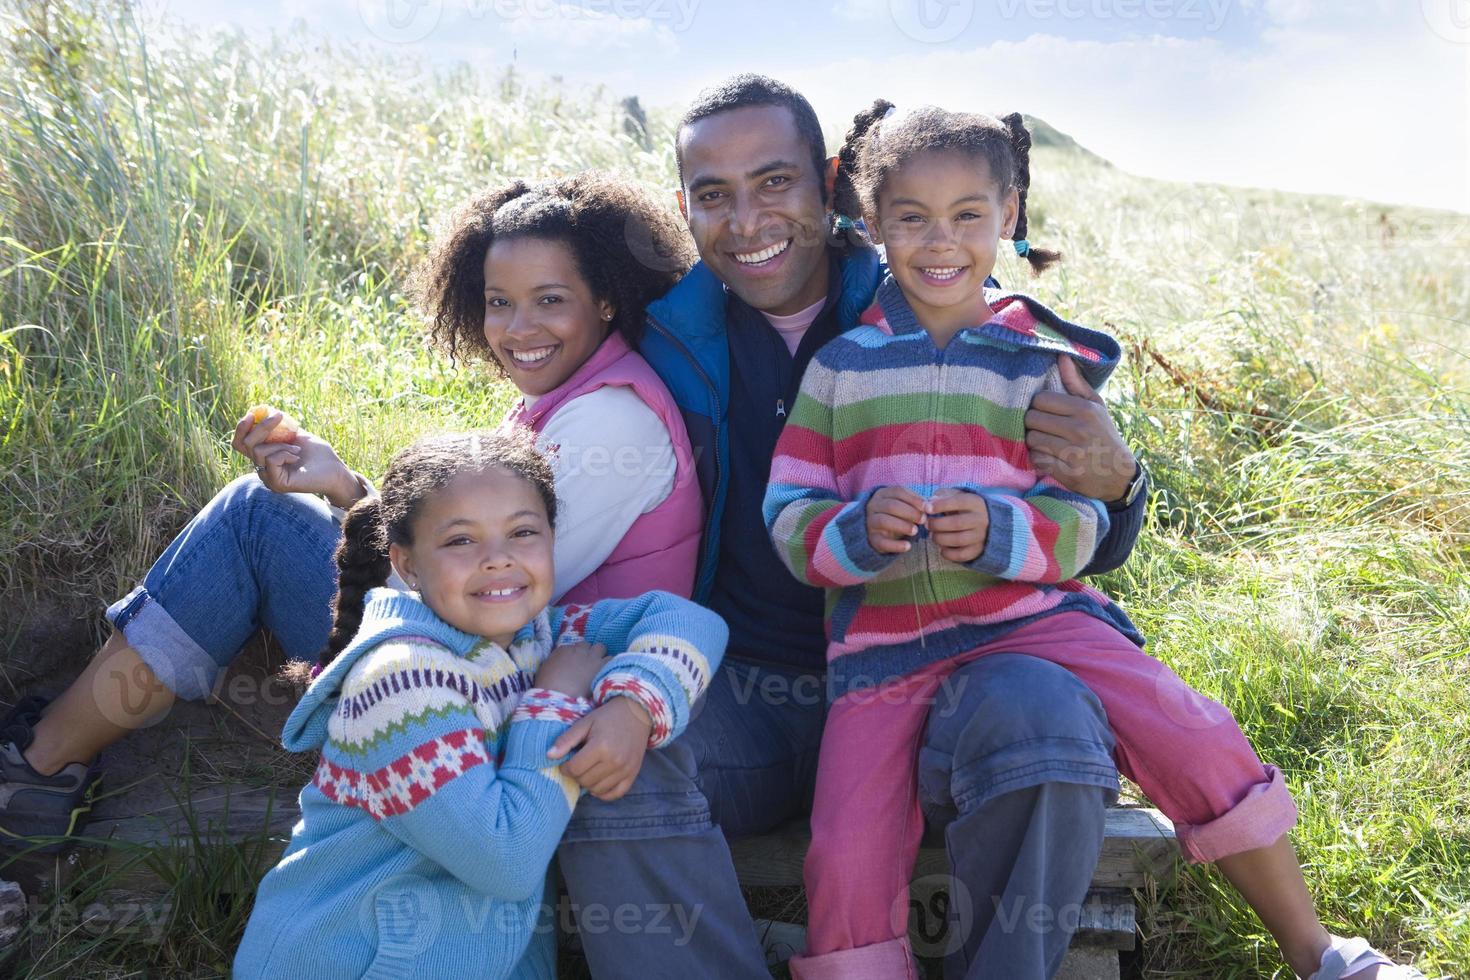 retrato de família sentado na grama foto